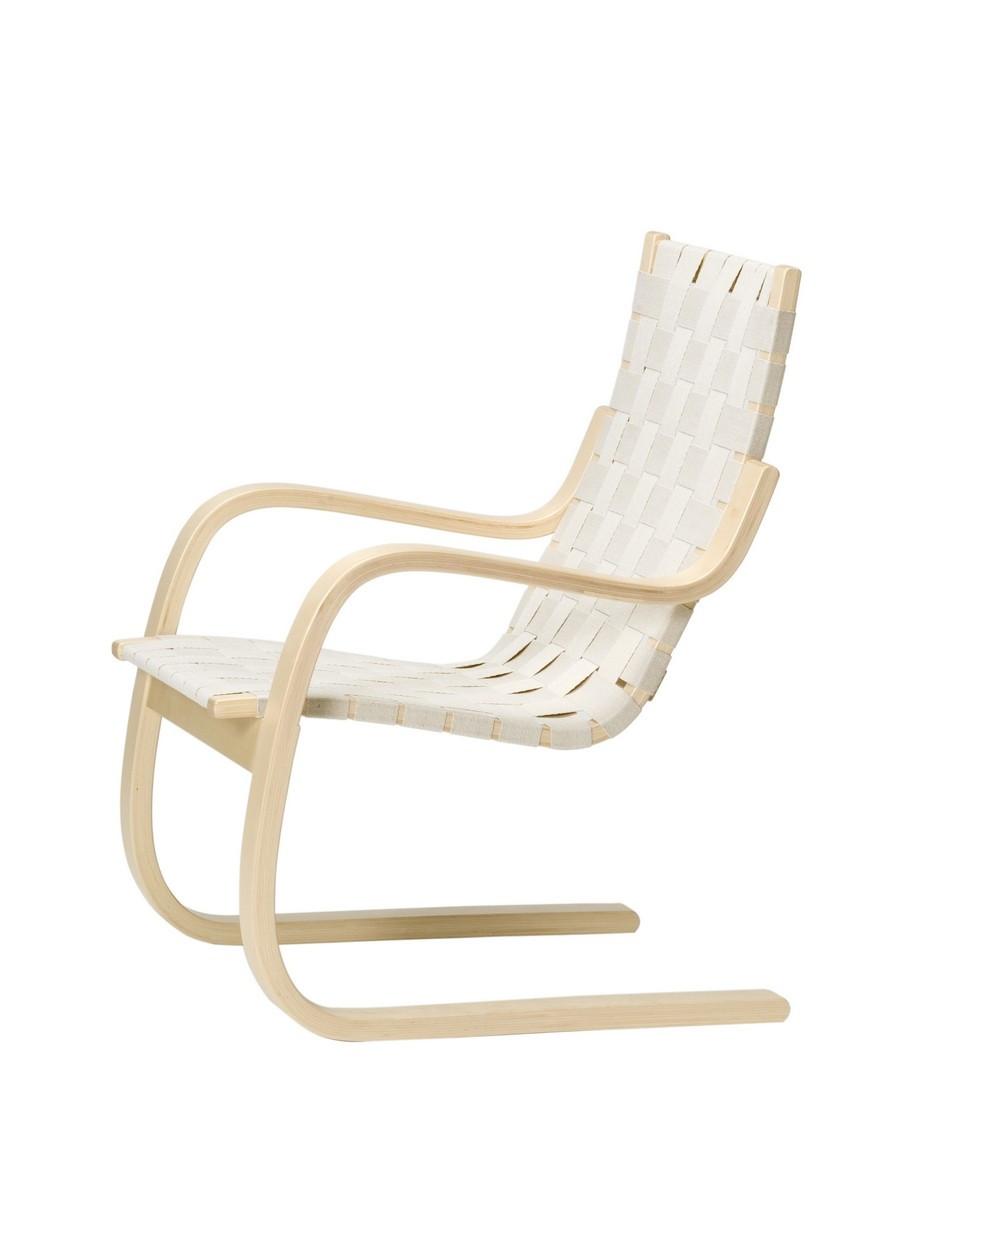 Fauteuil 406 Design Alvar Aalto pour Artek